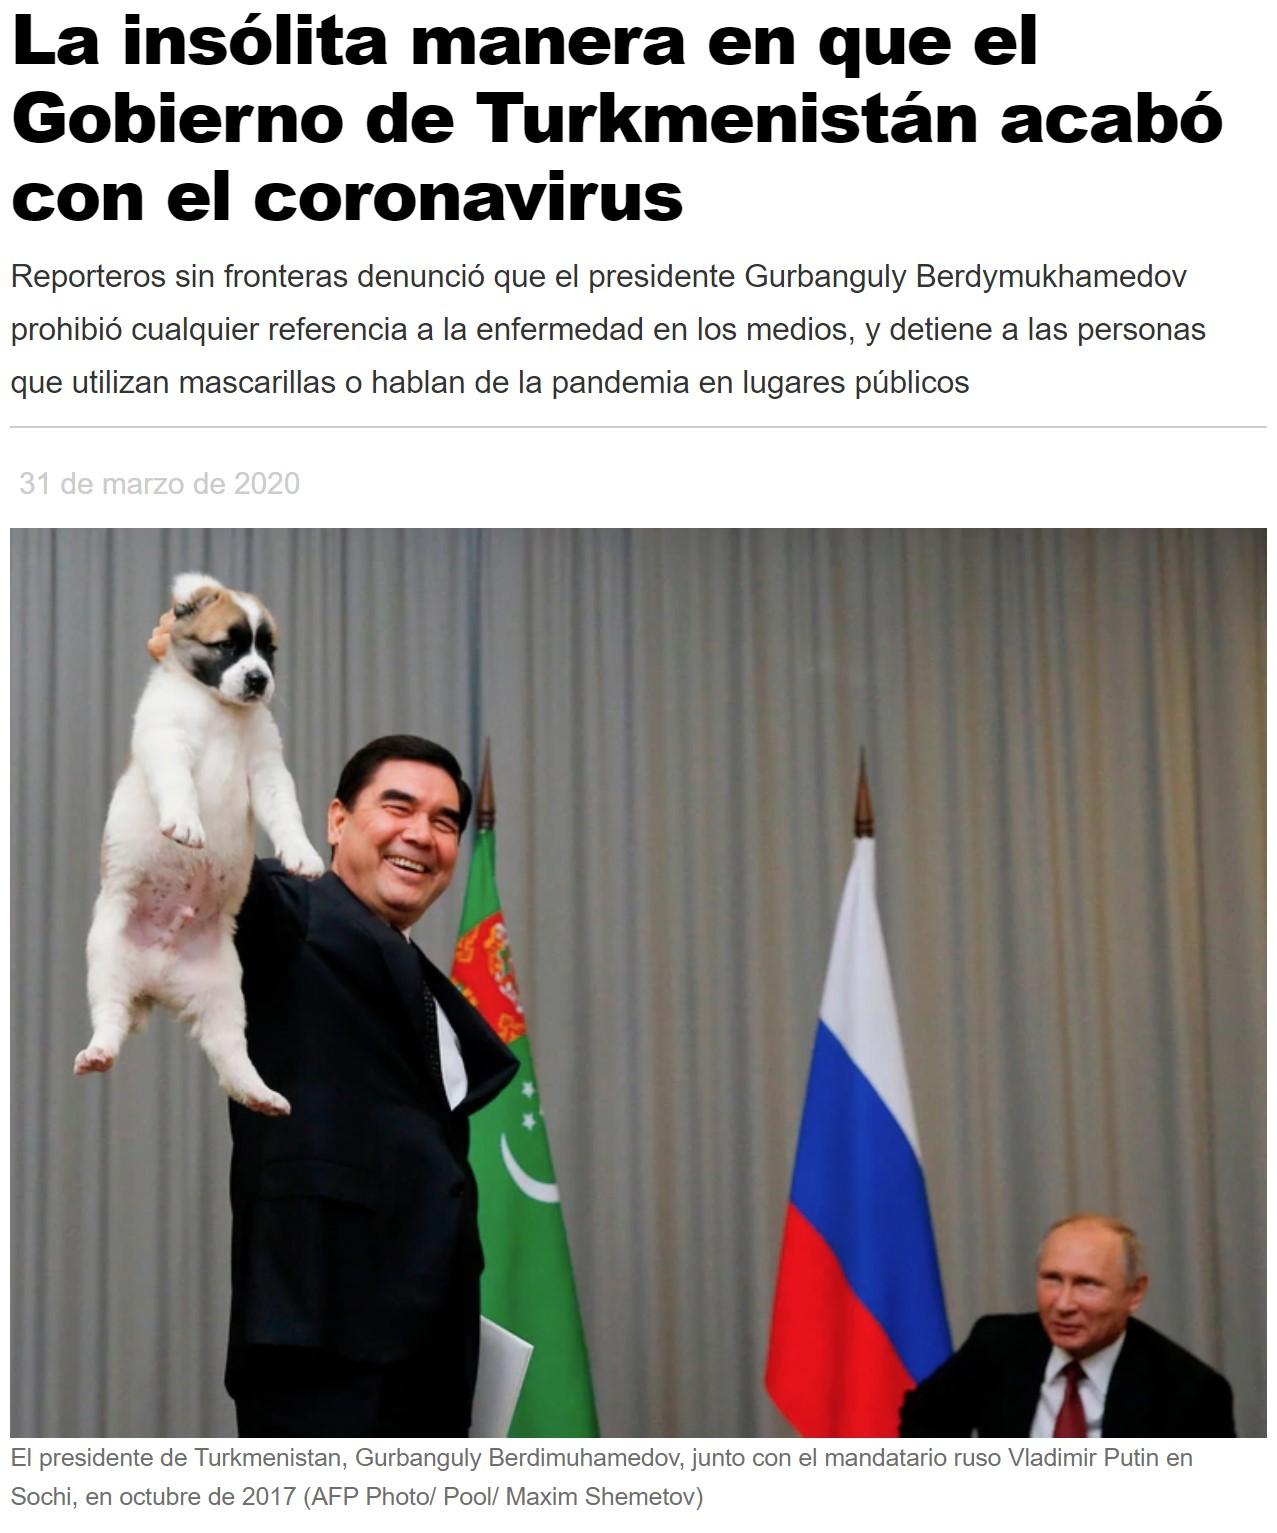 El plan perfecto y sin fisuras del dictador de Turkmenistán